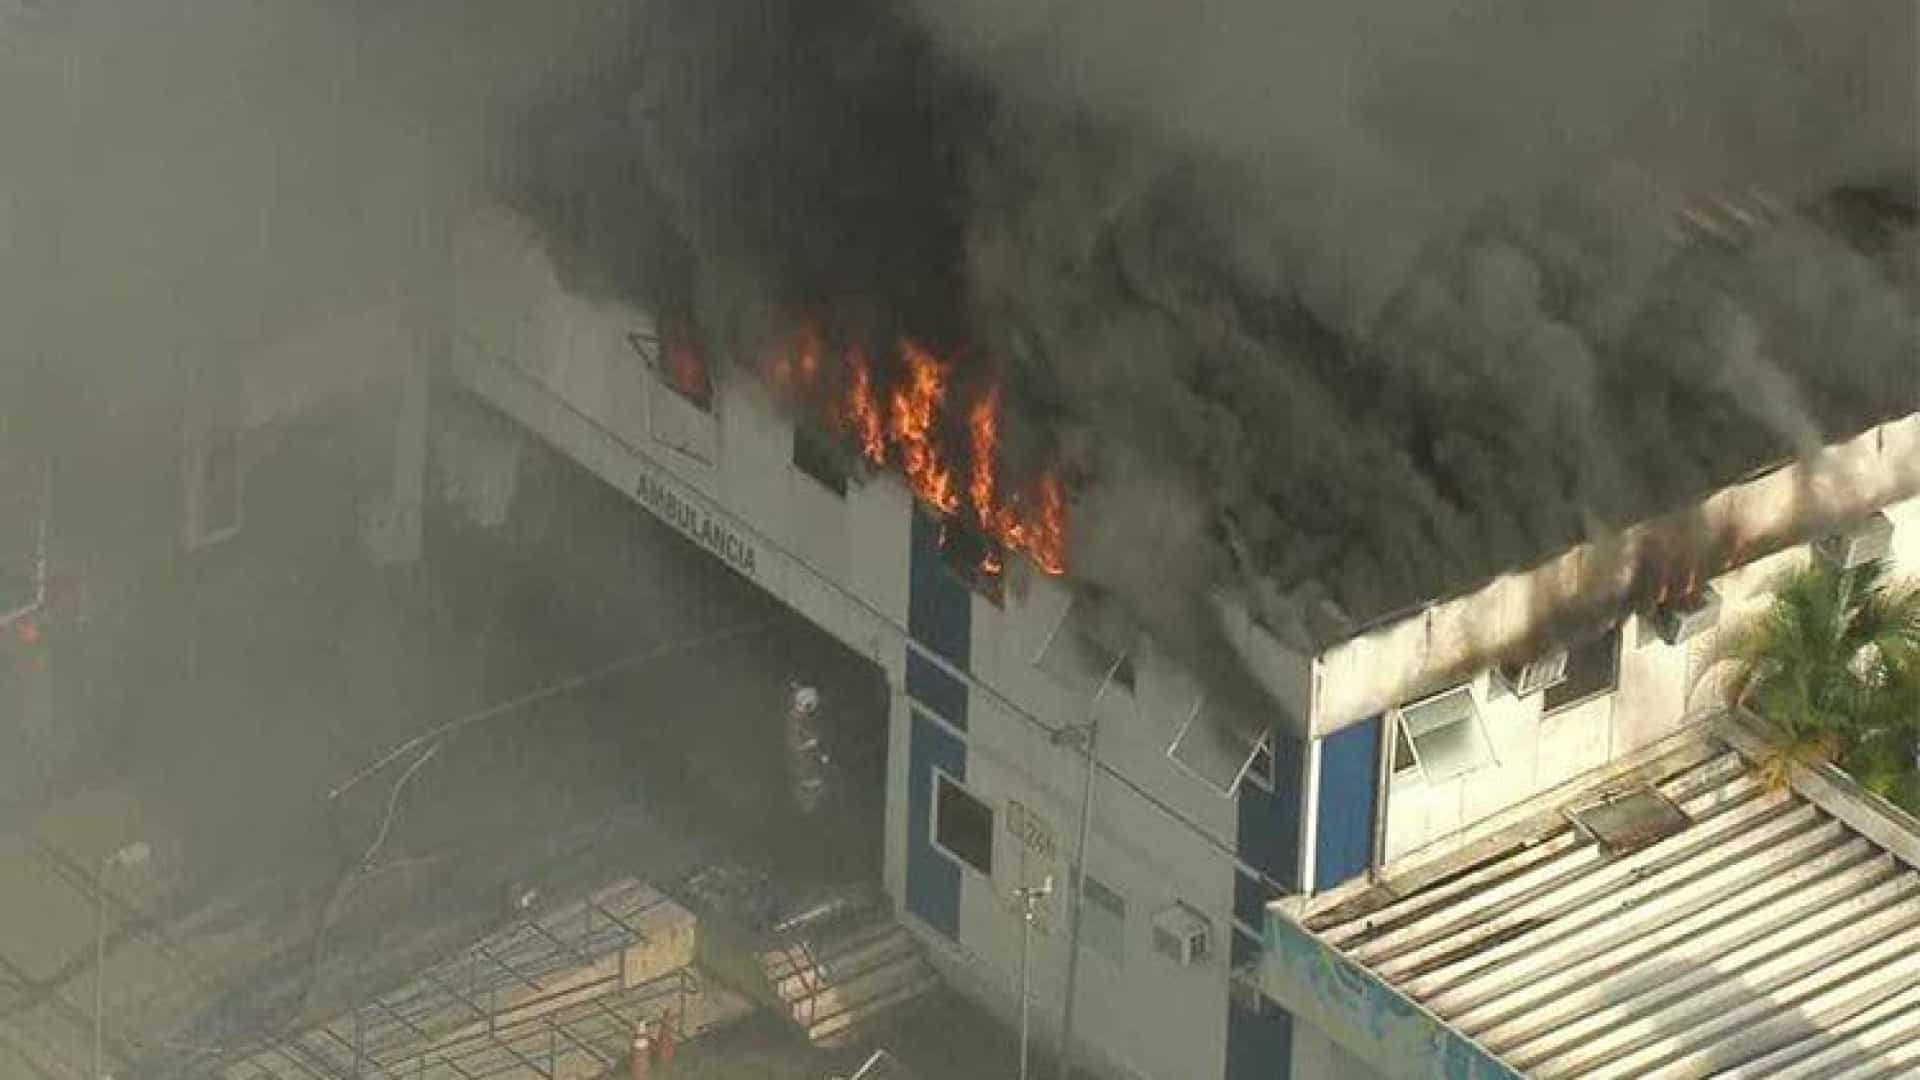 Morreram três doentes na evacuação de hospital que se incendiou no Rio